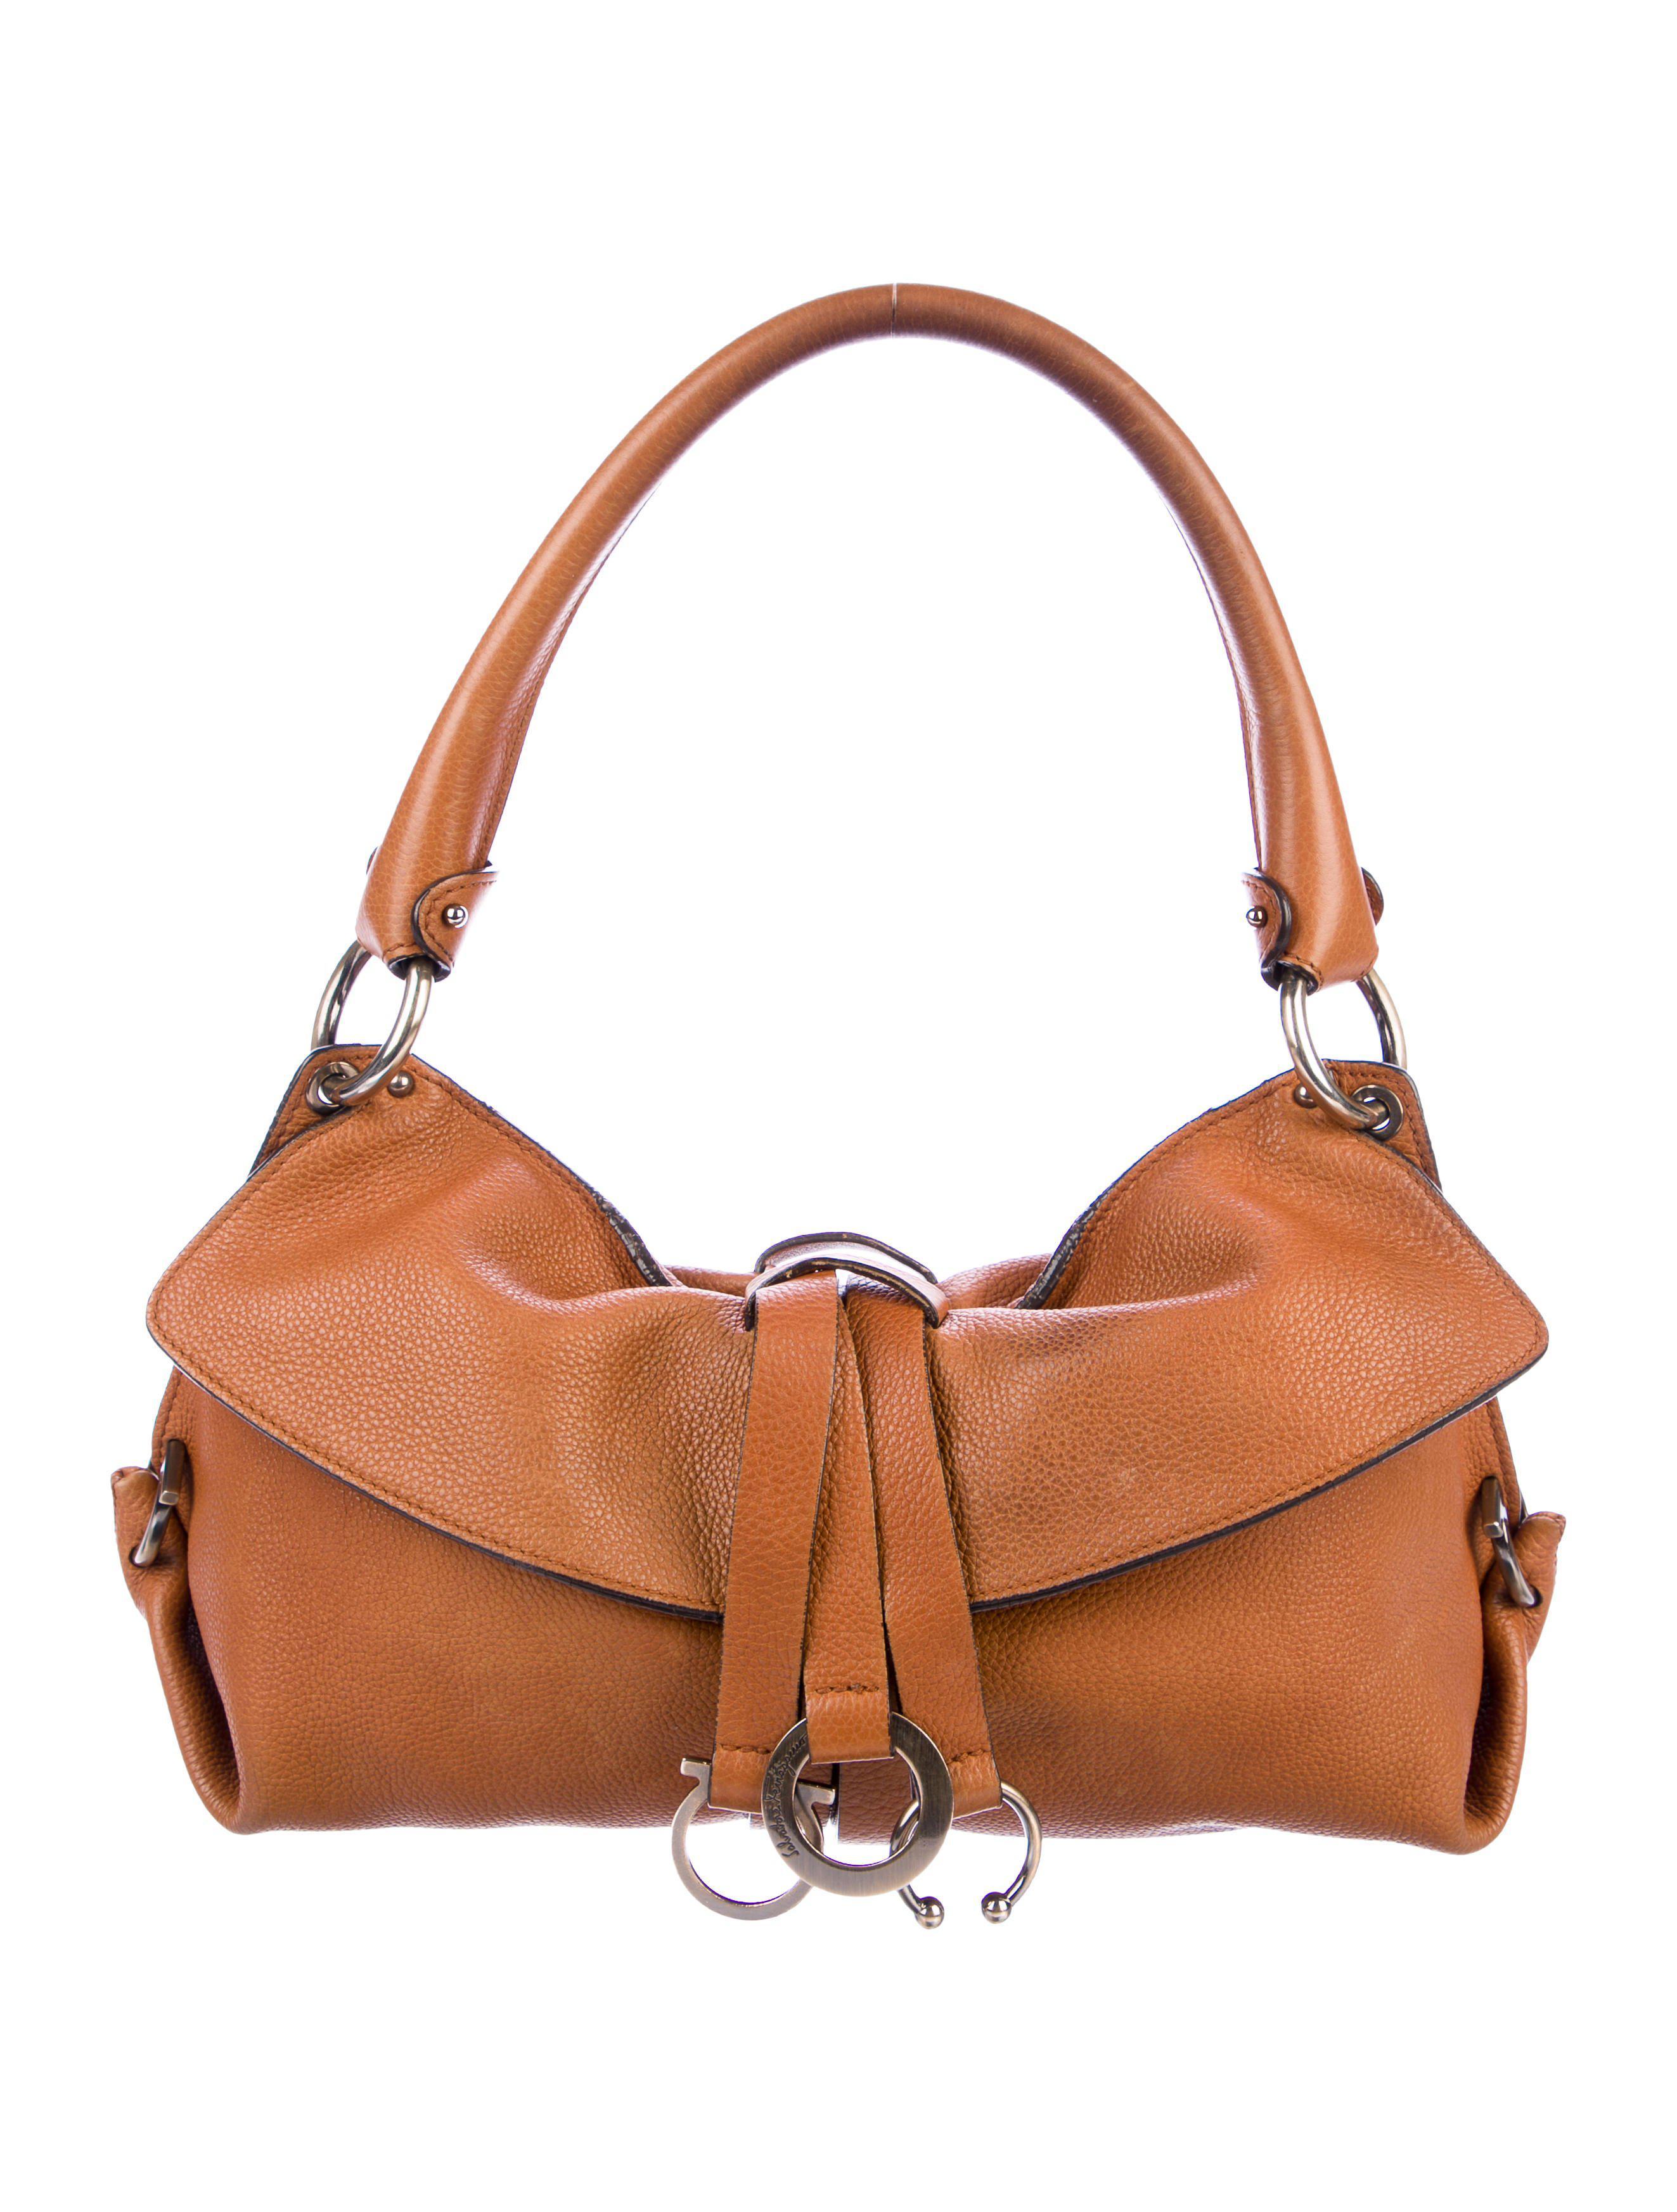 96d9b7bf0706 Lyst - Ferragamo Leather Gancio Shoulder Bag in Brown